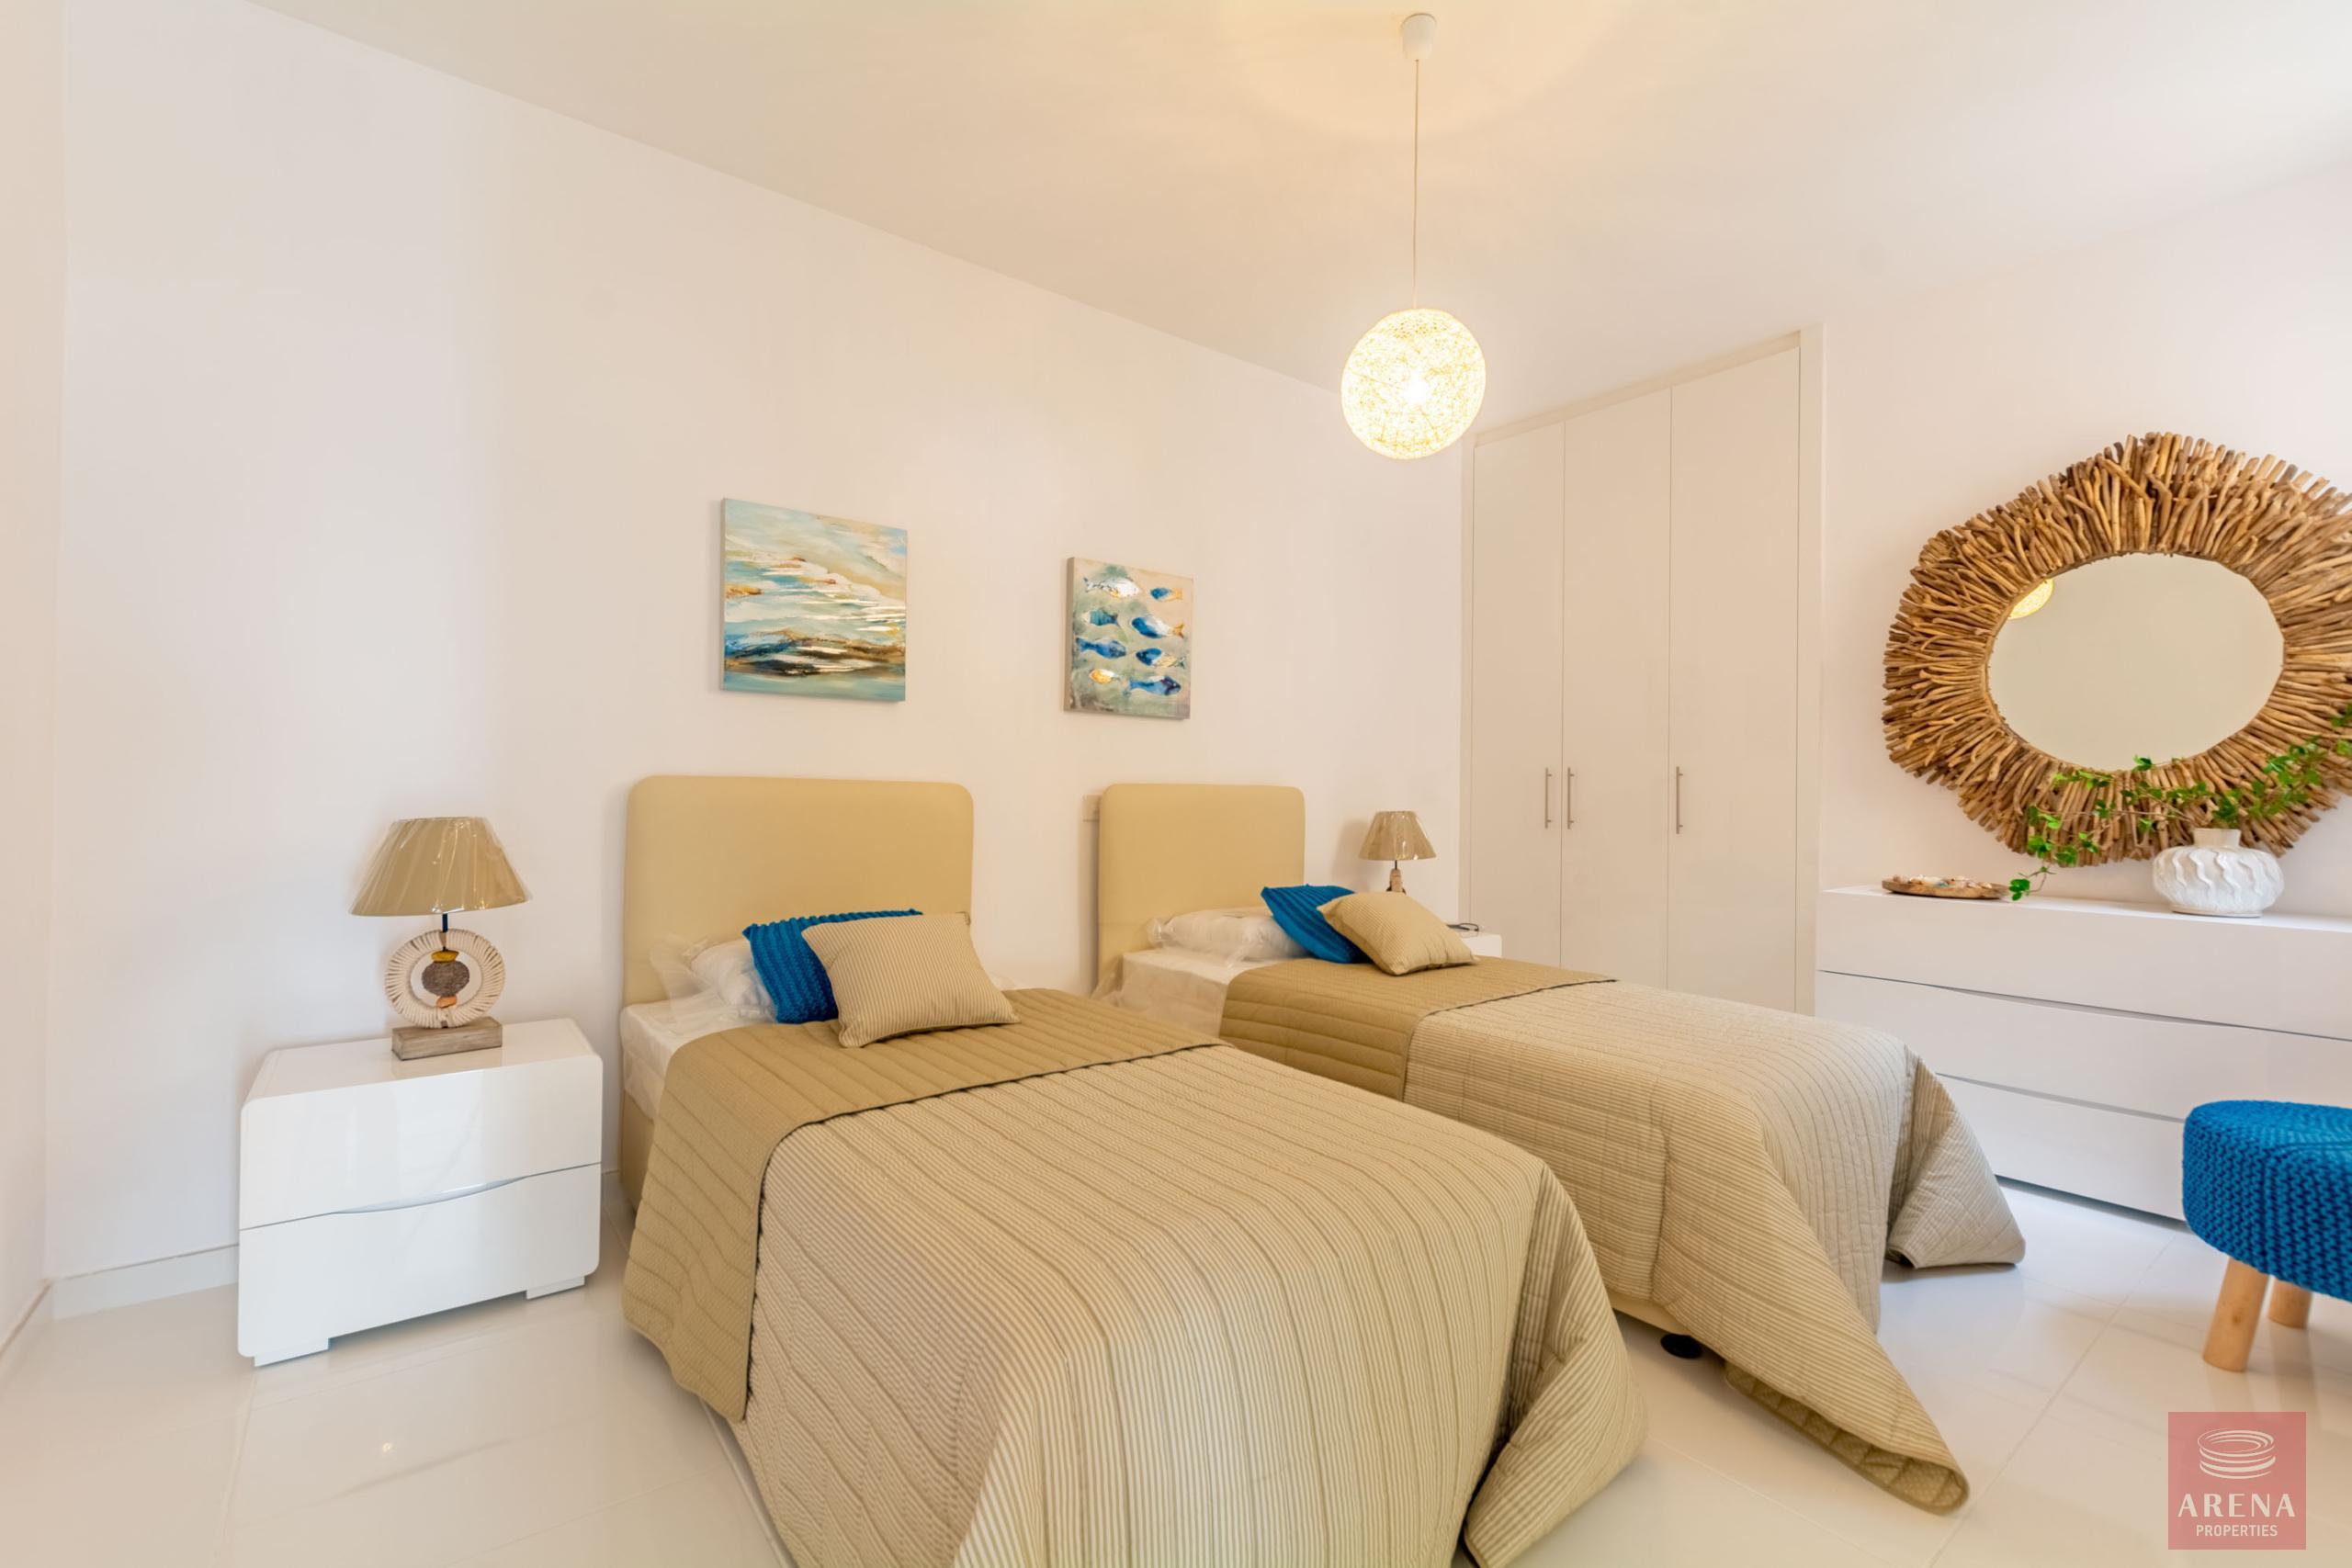 Flat in Ayia Triada to buy - bedroom